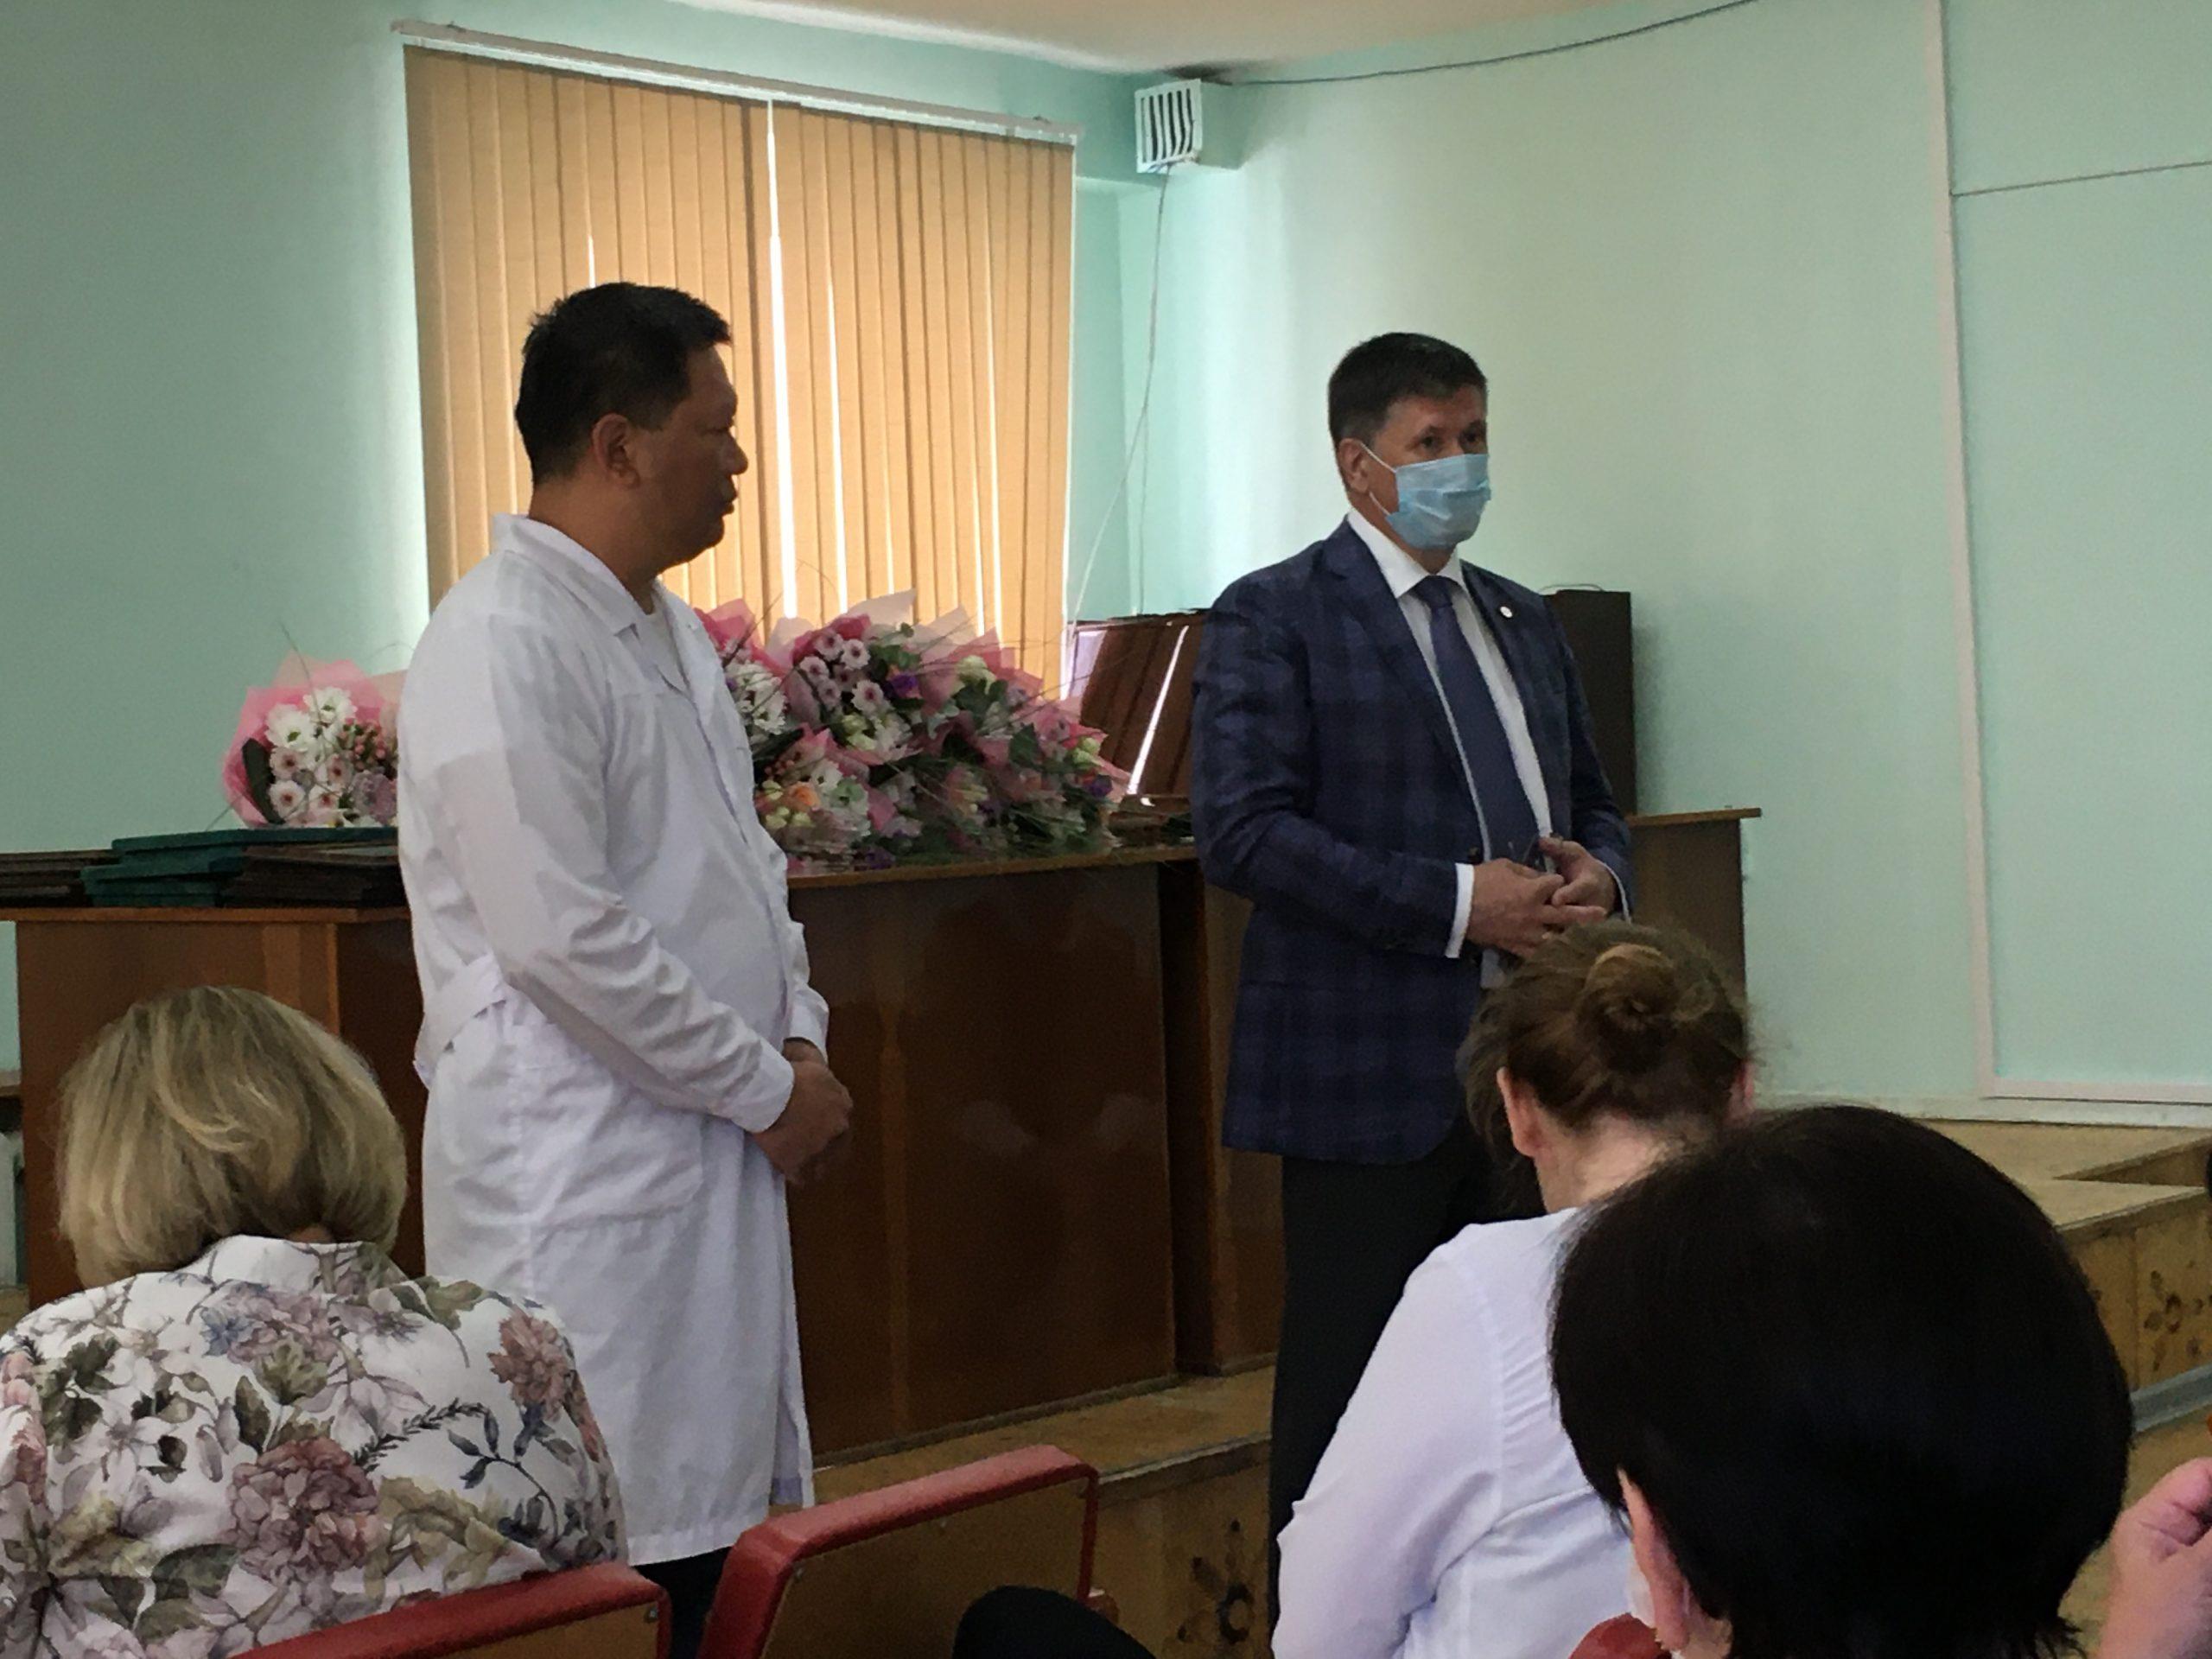 Сотрудники Березовской ЦГБ получили уведомления о приобретении служебного жилья  от Администрации Березовского городского округа